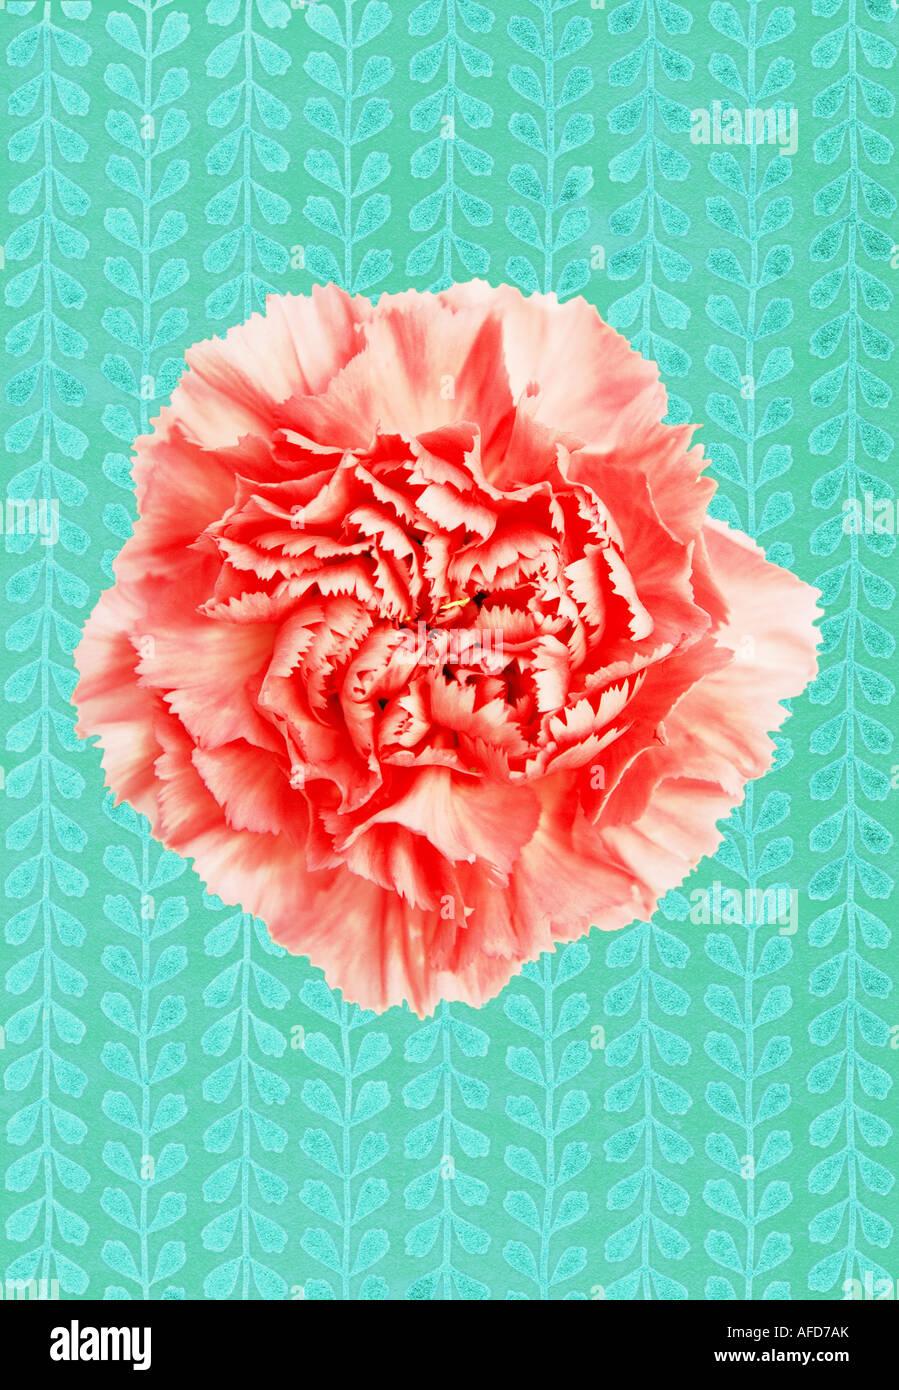 Ilustración de clavel rosa contra una textura de fondo con trama Imagen De Stock